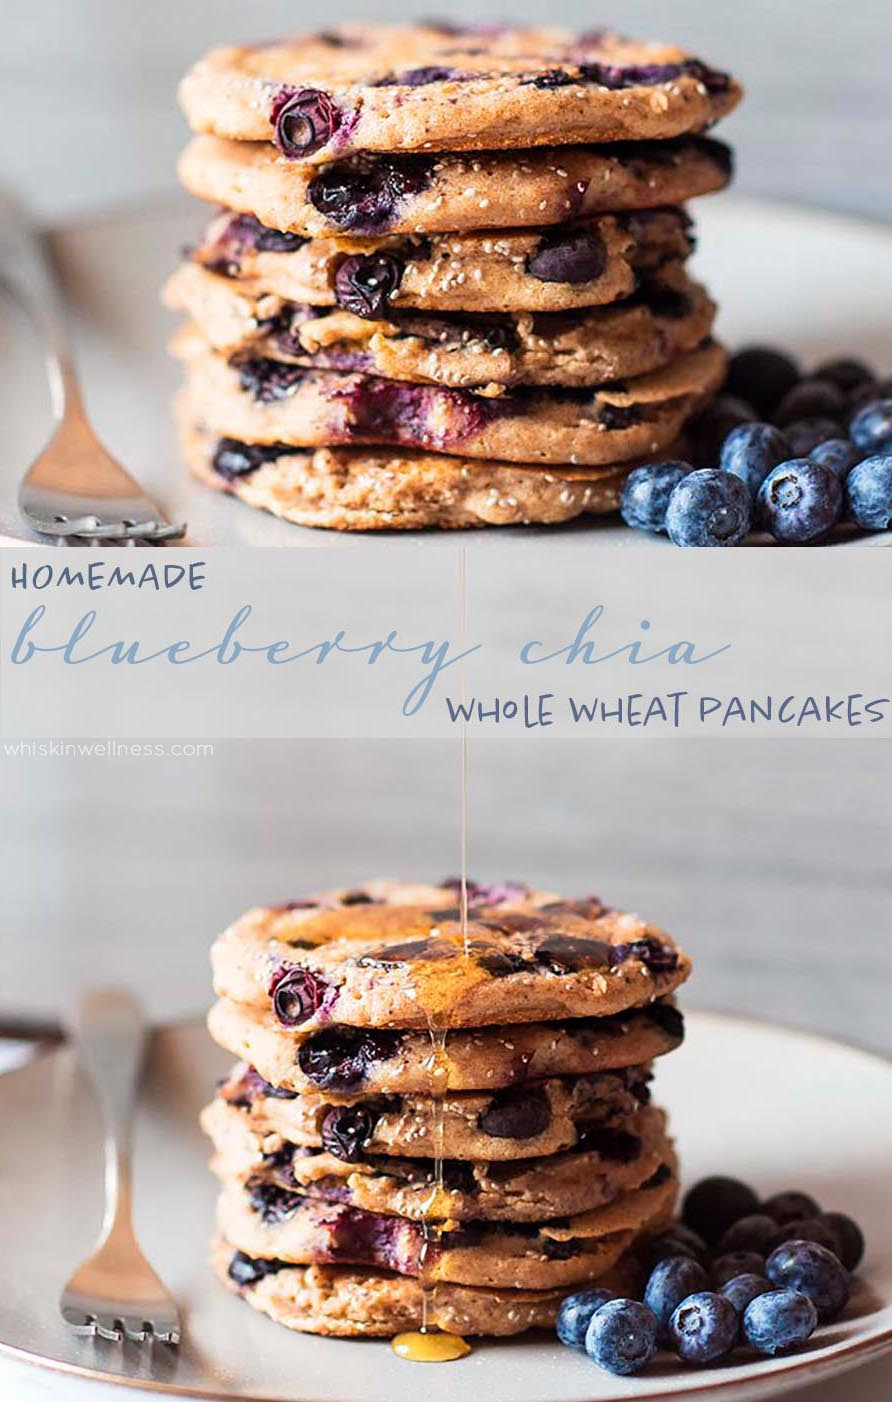 blueberrychiawholewheatpancakes.wiw .pinterest